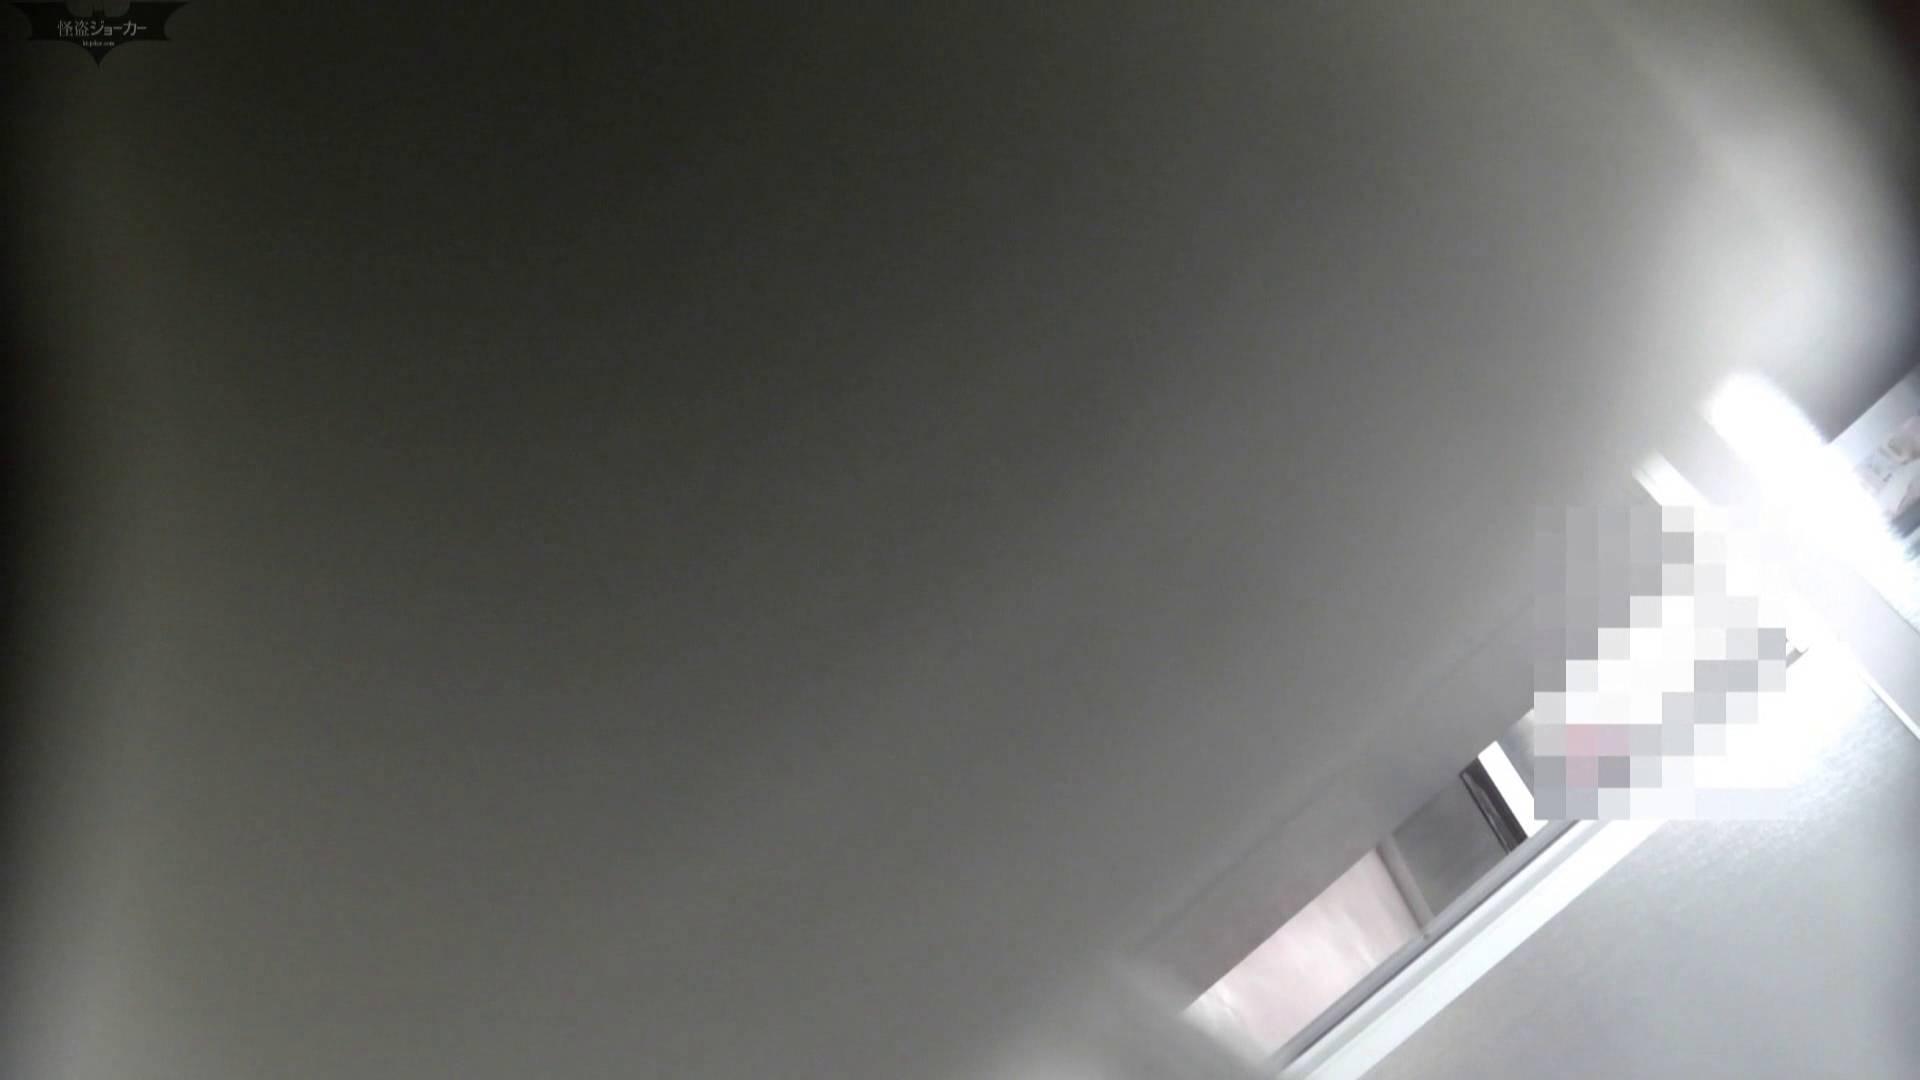 洗面所特攻隊 vol.006 ギャル攻め ワレメ無修正動画無料 81画像 50